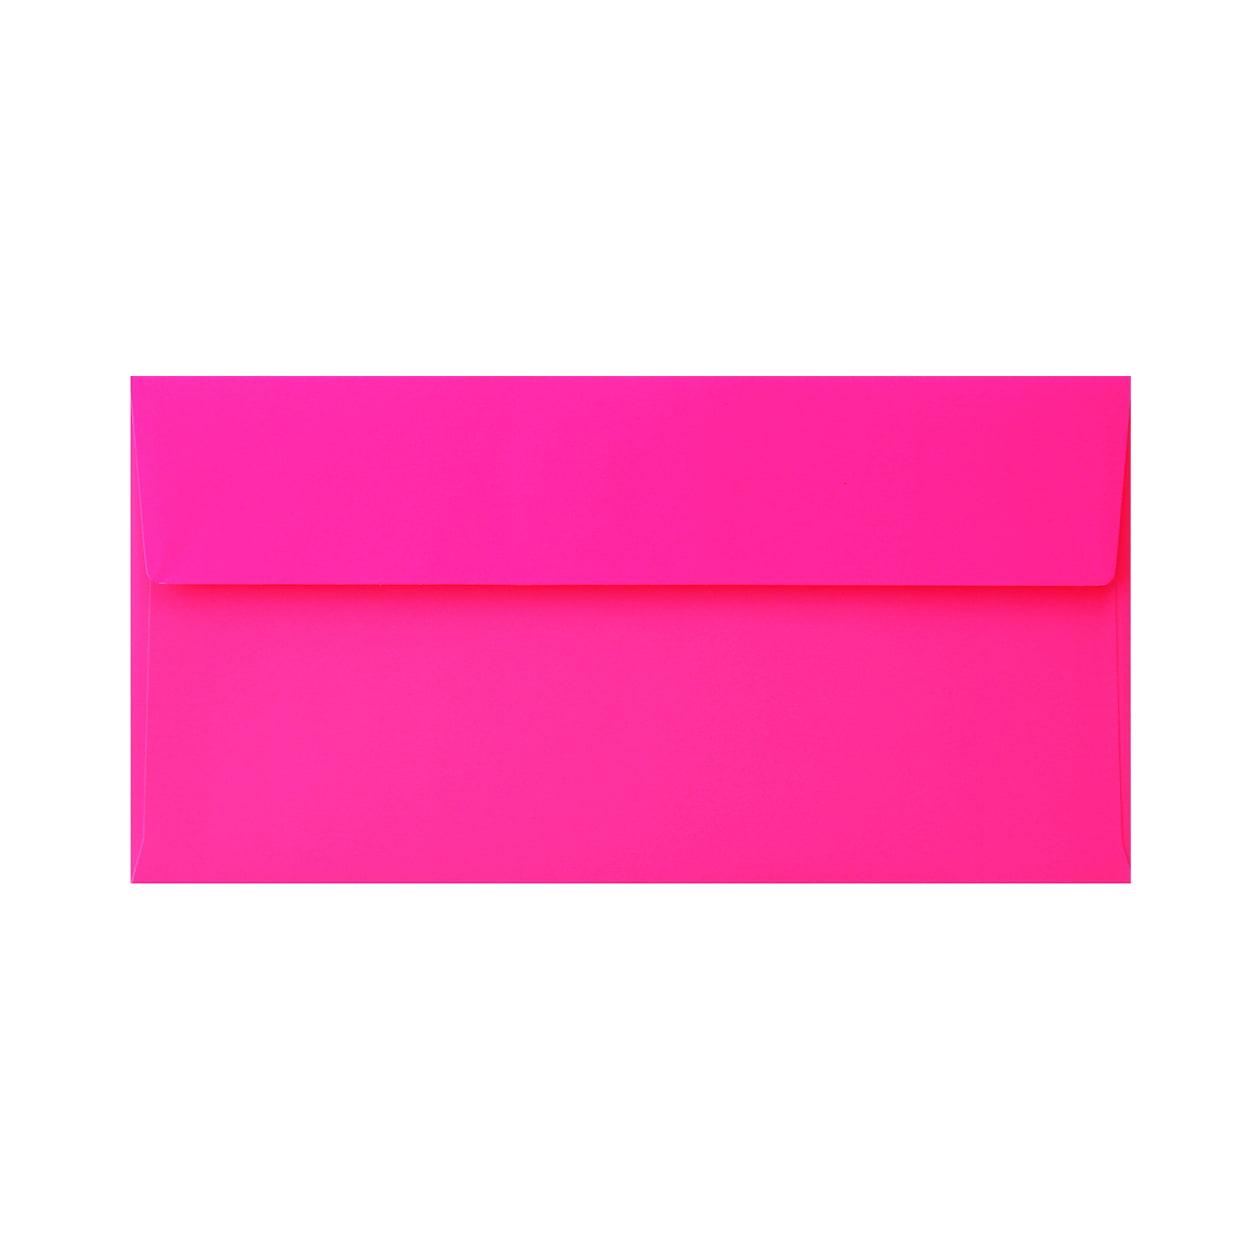 長3カマス封筒 フラッシュカラー ピンク 104.7g